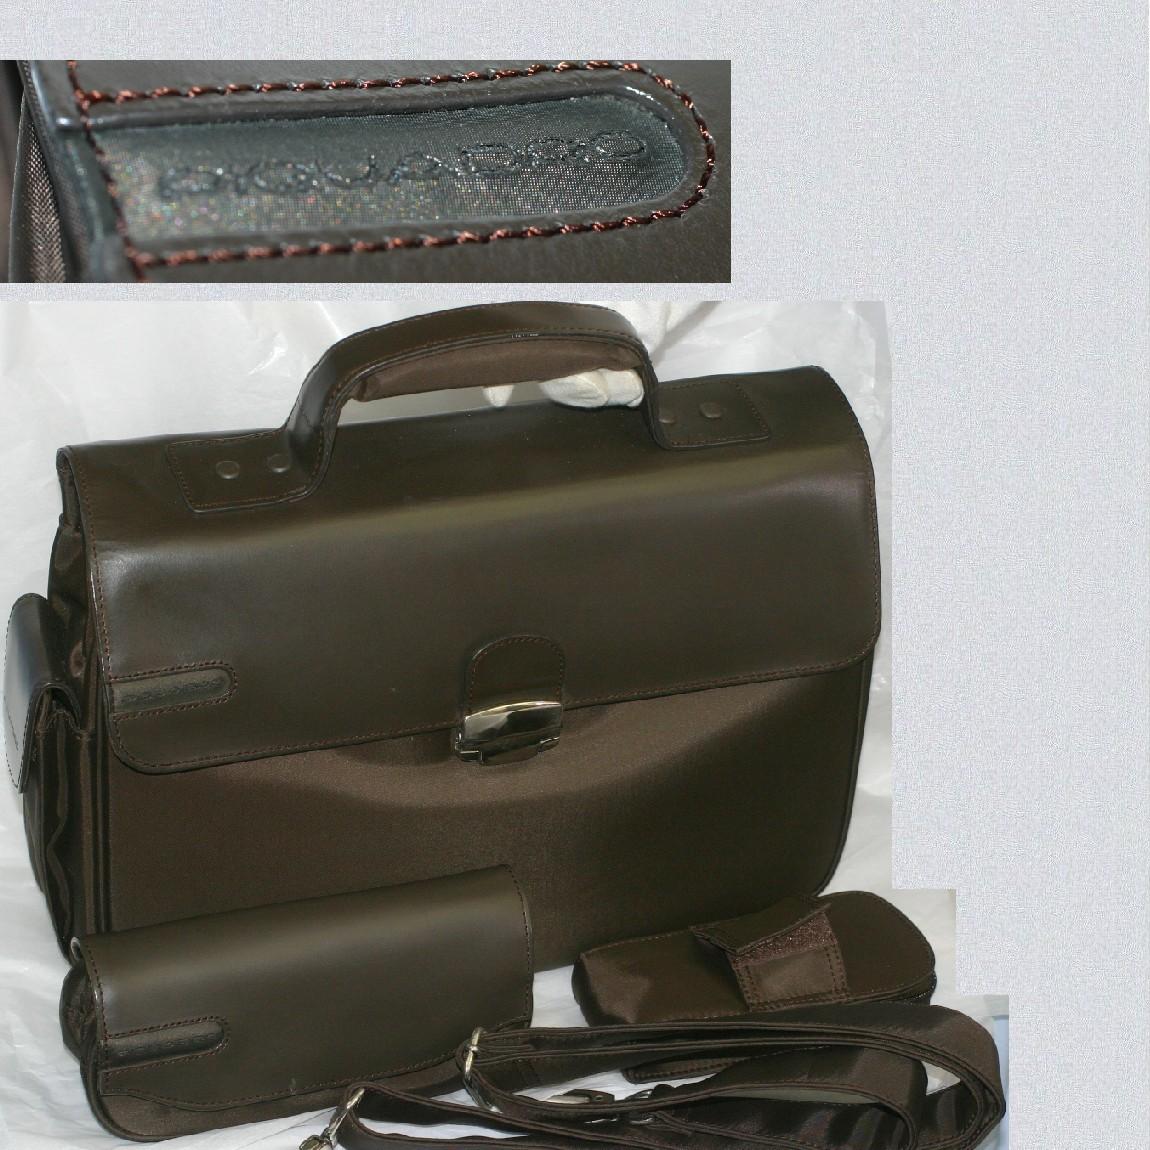 【中古】本物新品未使用ピクアドロ取外し可能なショルダーストラップのついたブラウン色収納力抜群ブリーフケース別売りのポーチつき サイズW39H27D11cm